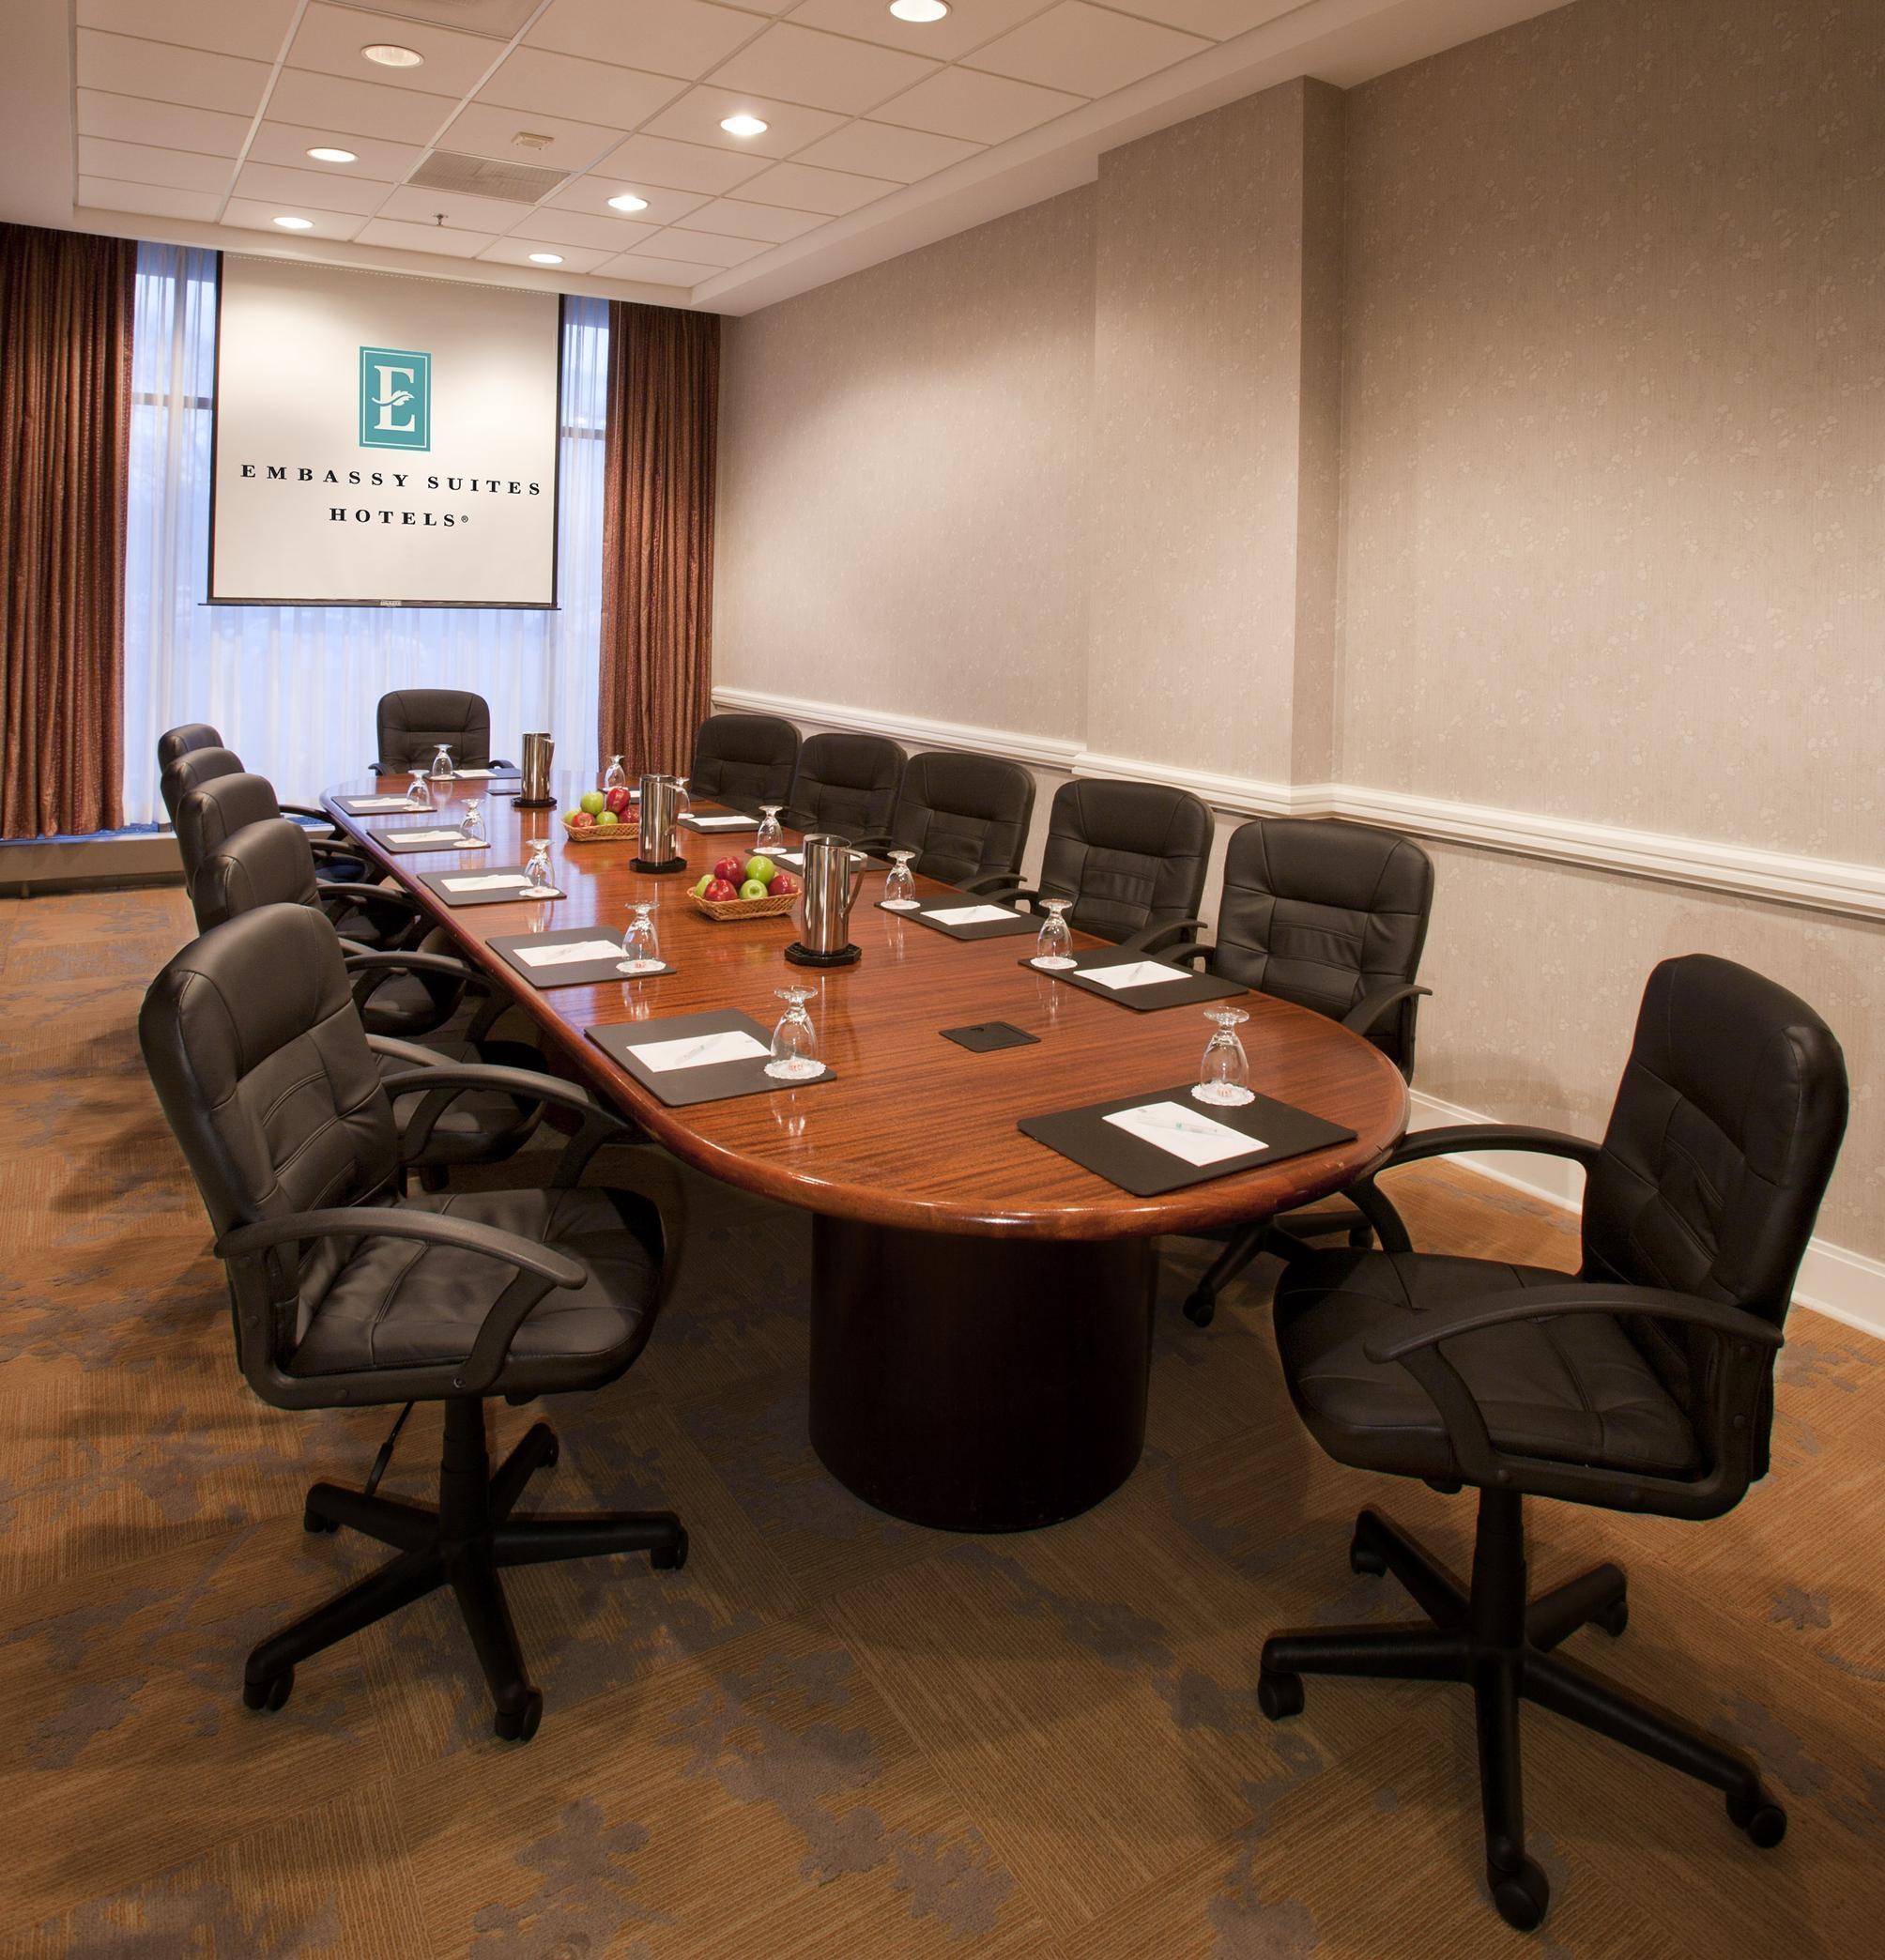 Embassy Suites by Hilton Detroit Troy Auburn Hills image 36